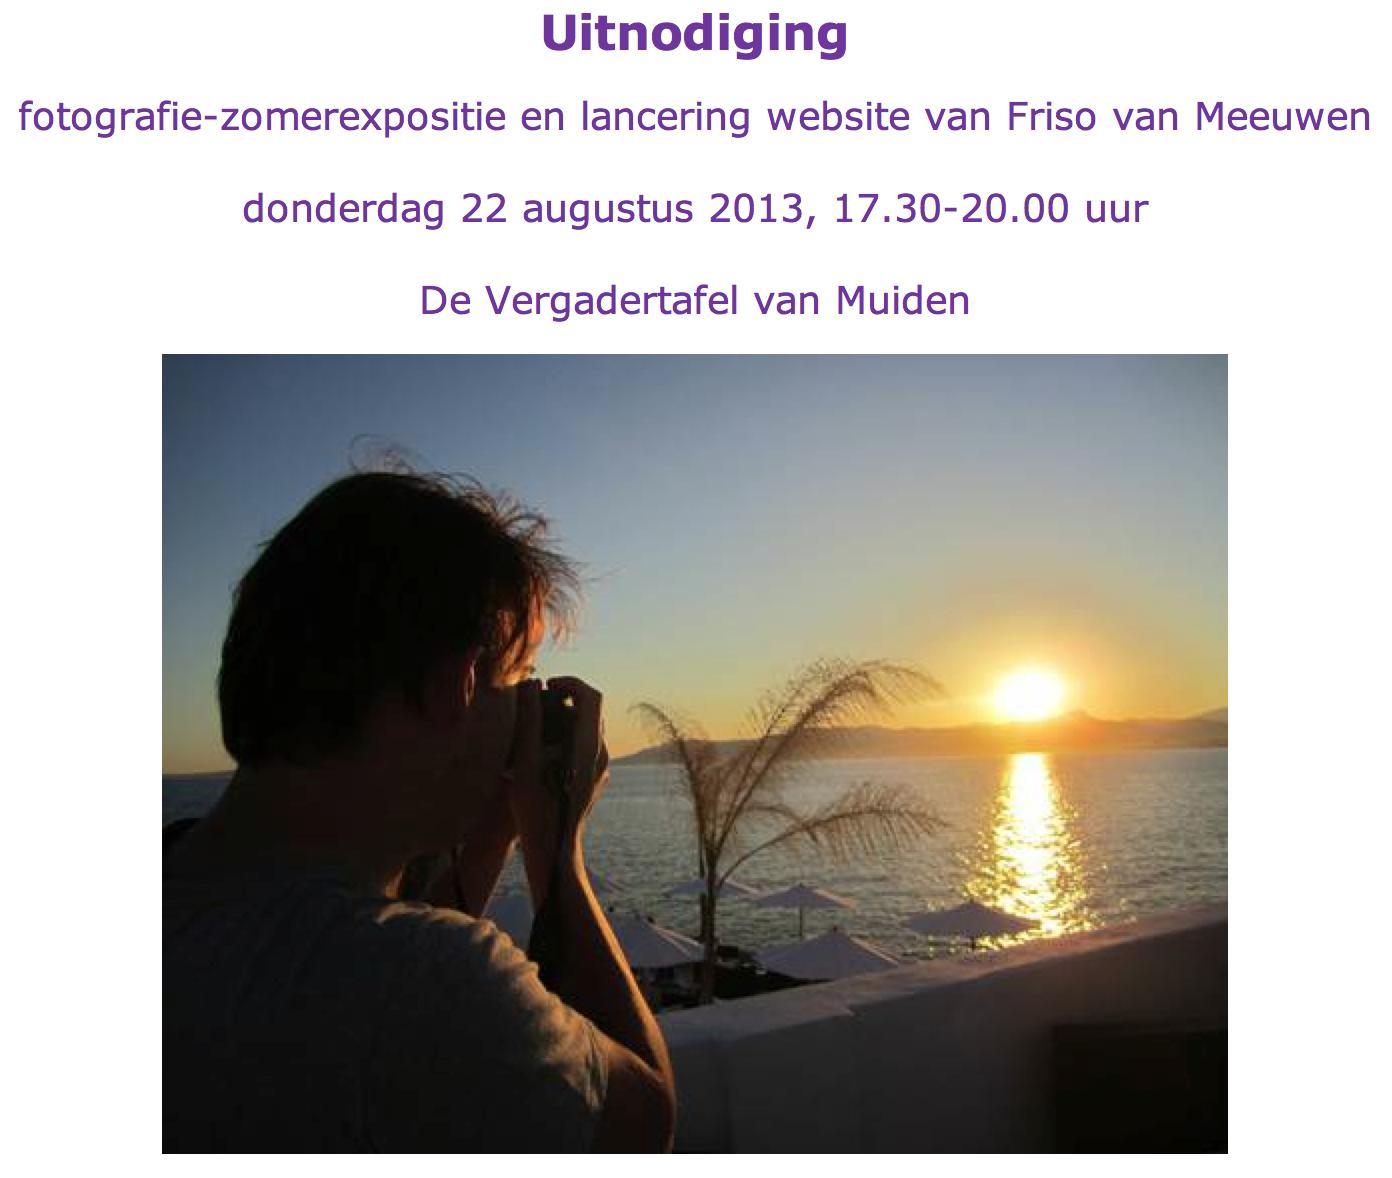 Schermafbeelding 2013-08-16 om 17.03.09.png